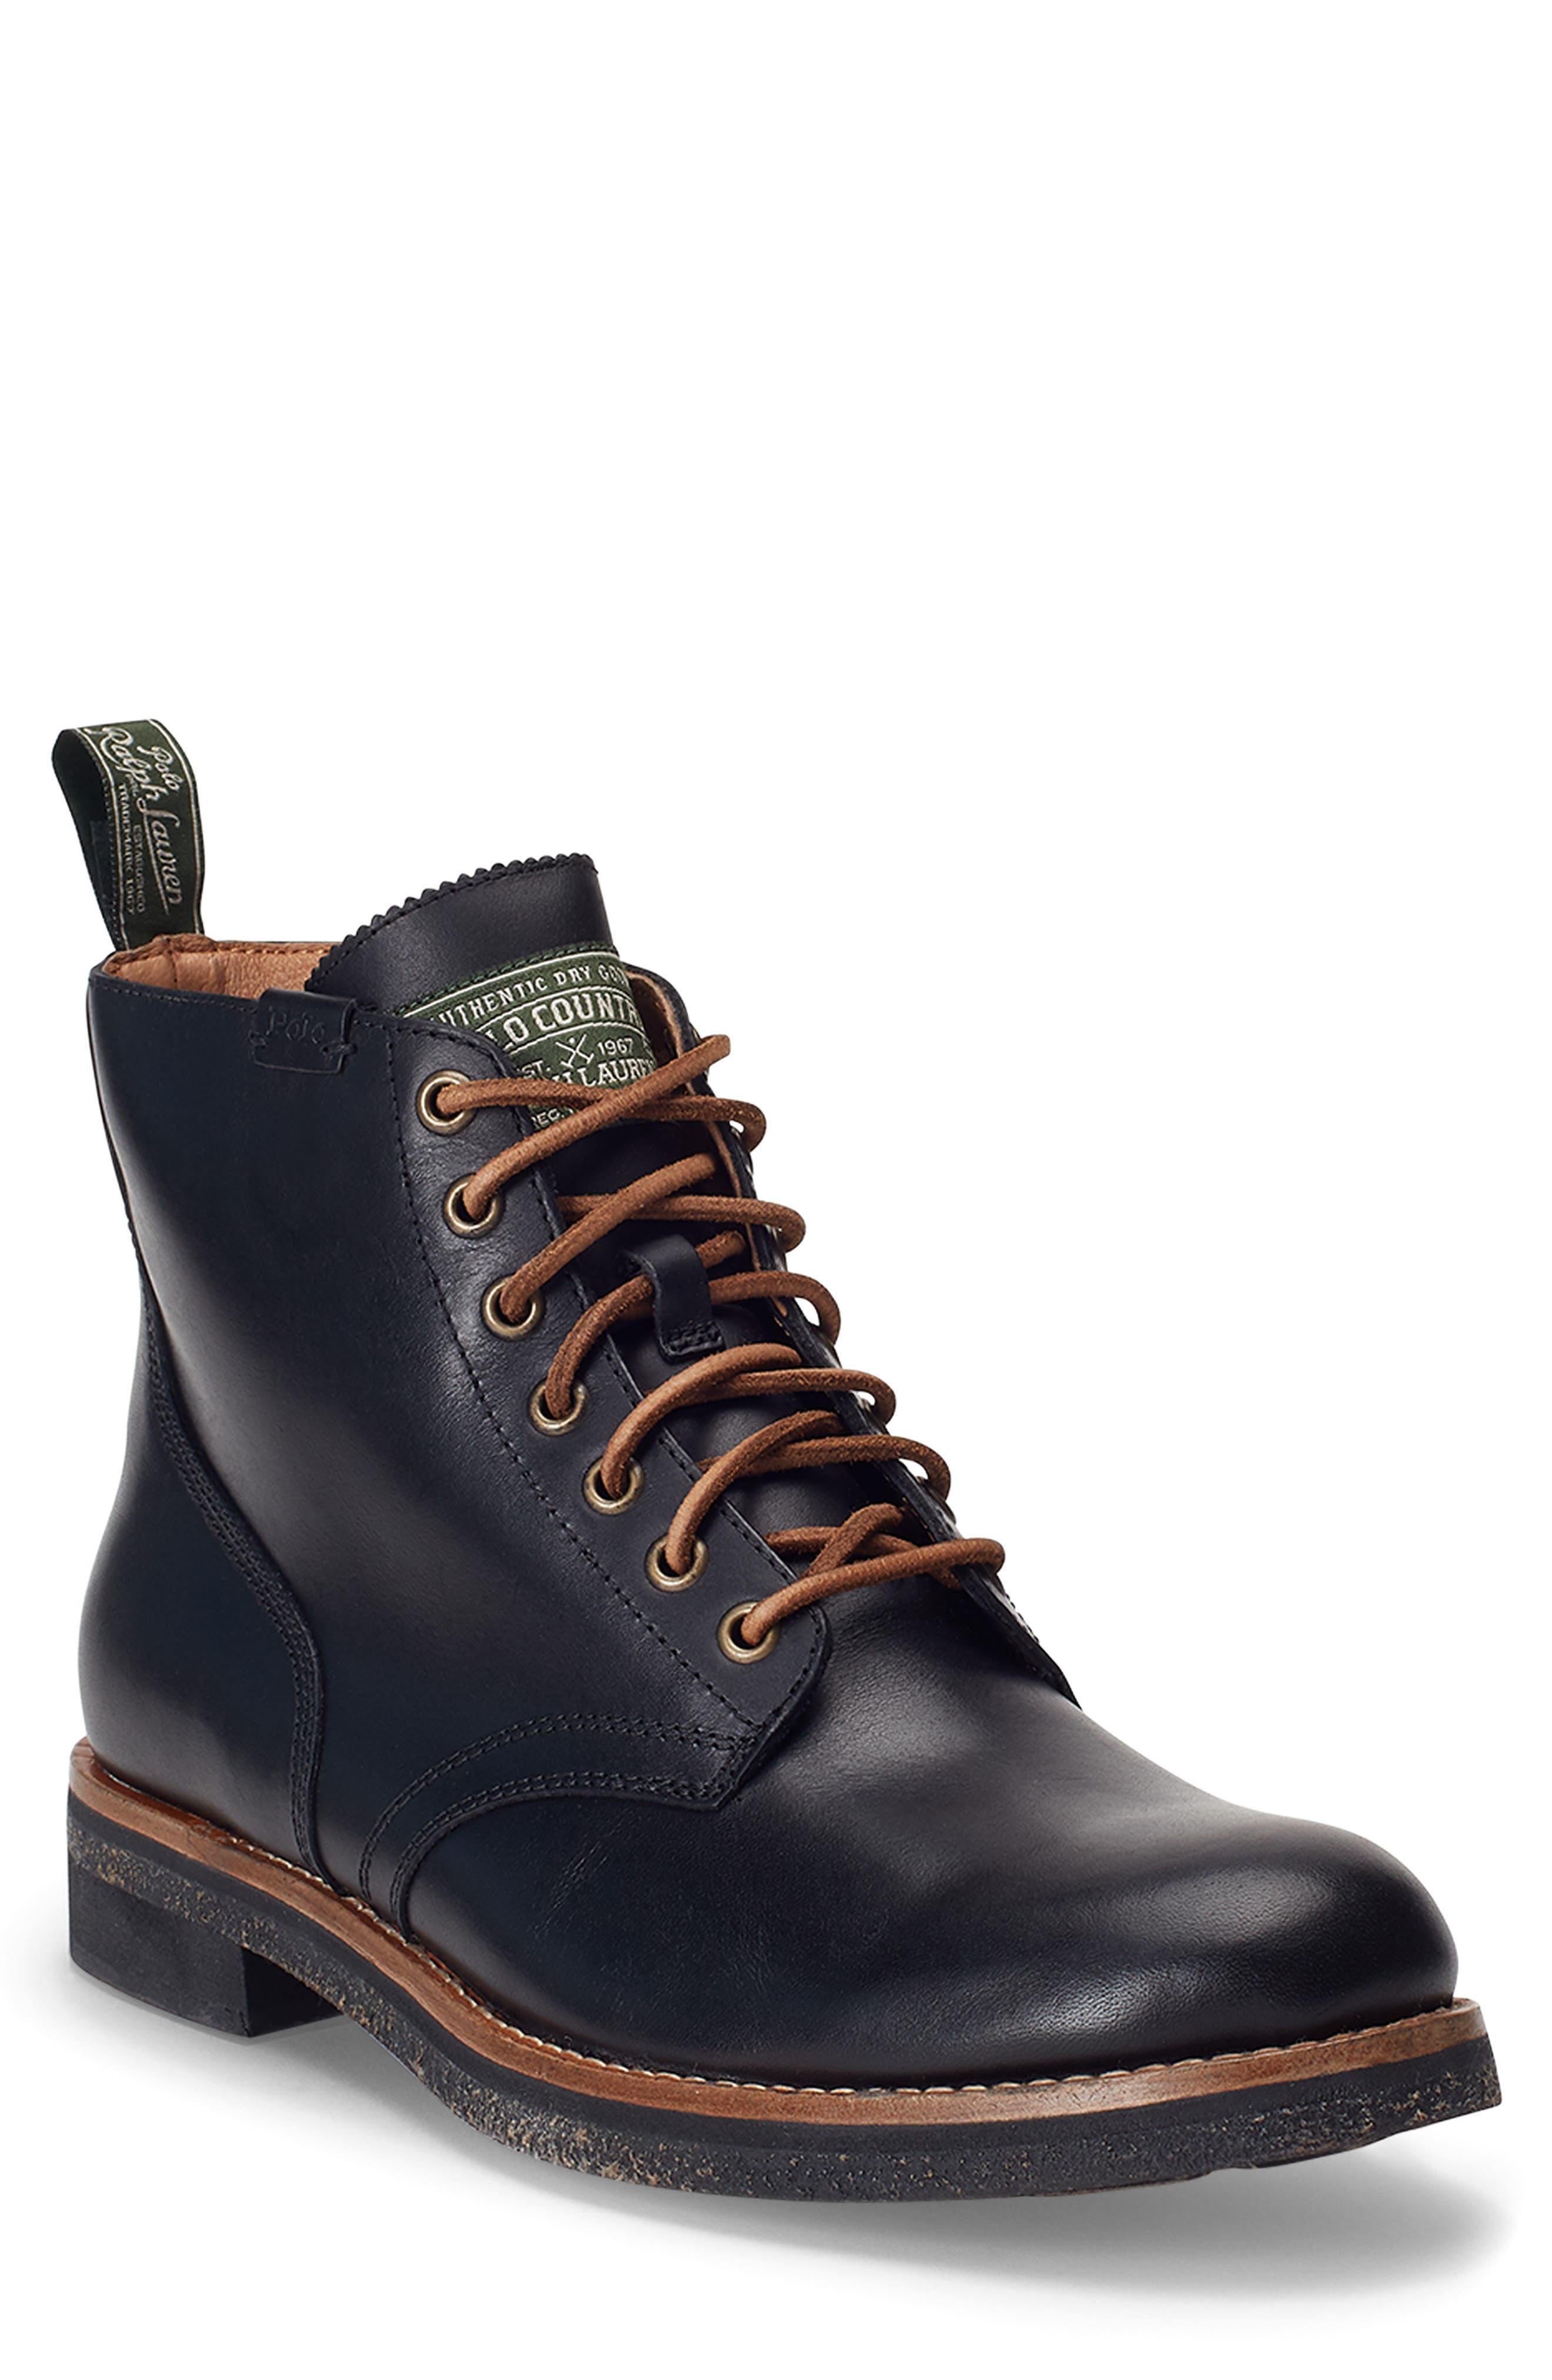 Polo Ralph Lauren RL Army Boot (Men